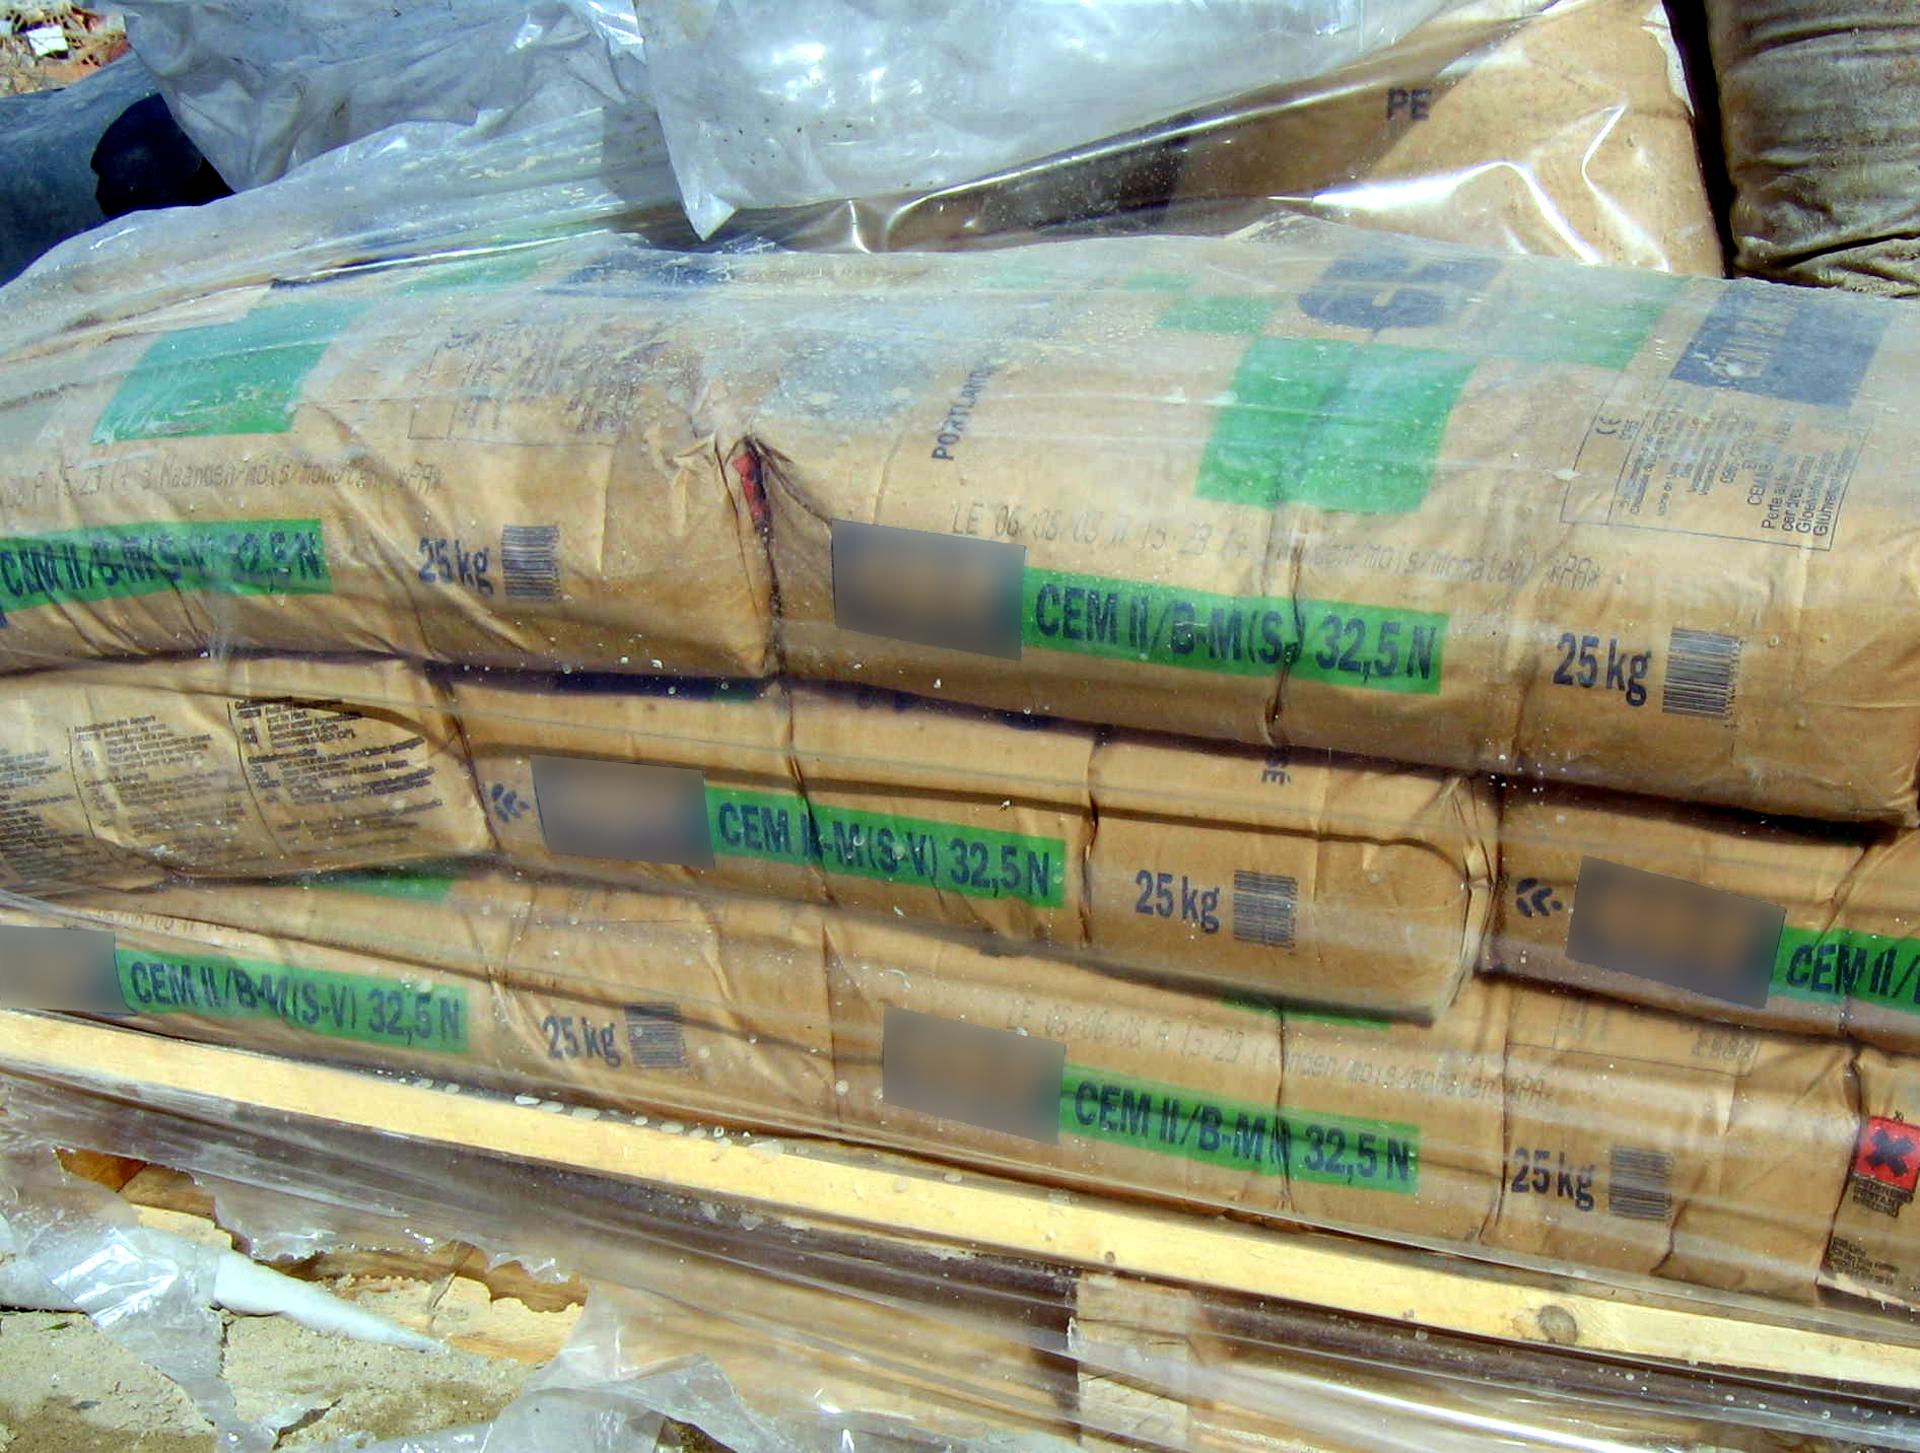 Zdjęcie przedstawia dwudziestopięciokilogramowe worki cementu ułożone na palecie transportowej iściągnięte grubą folią. Marka producenta została wymagana zobrazka.